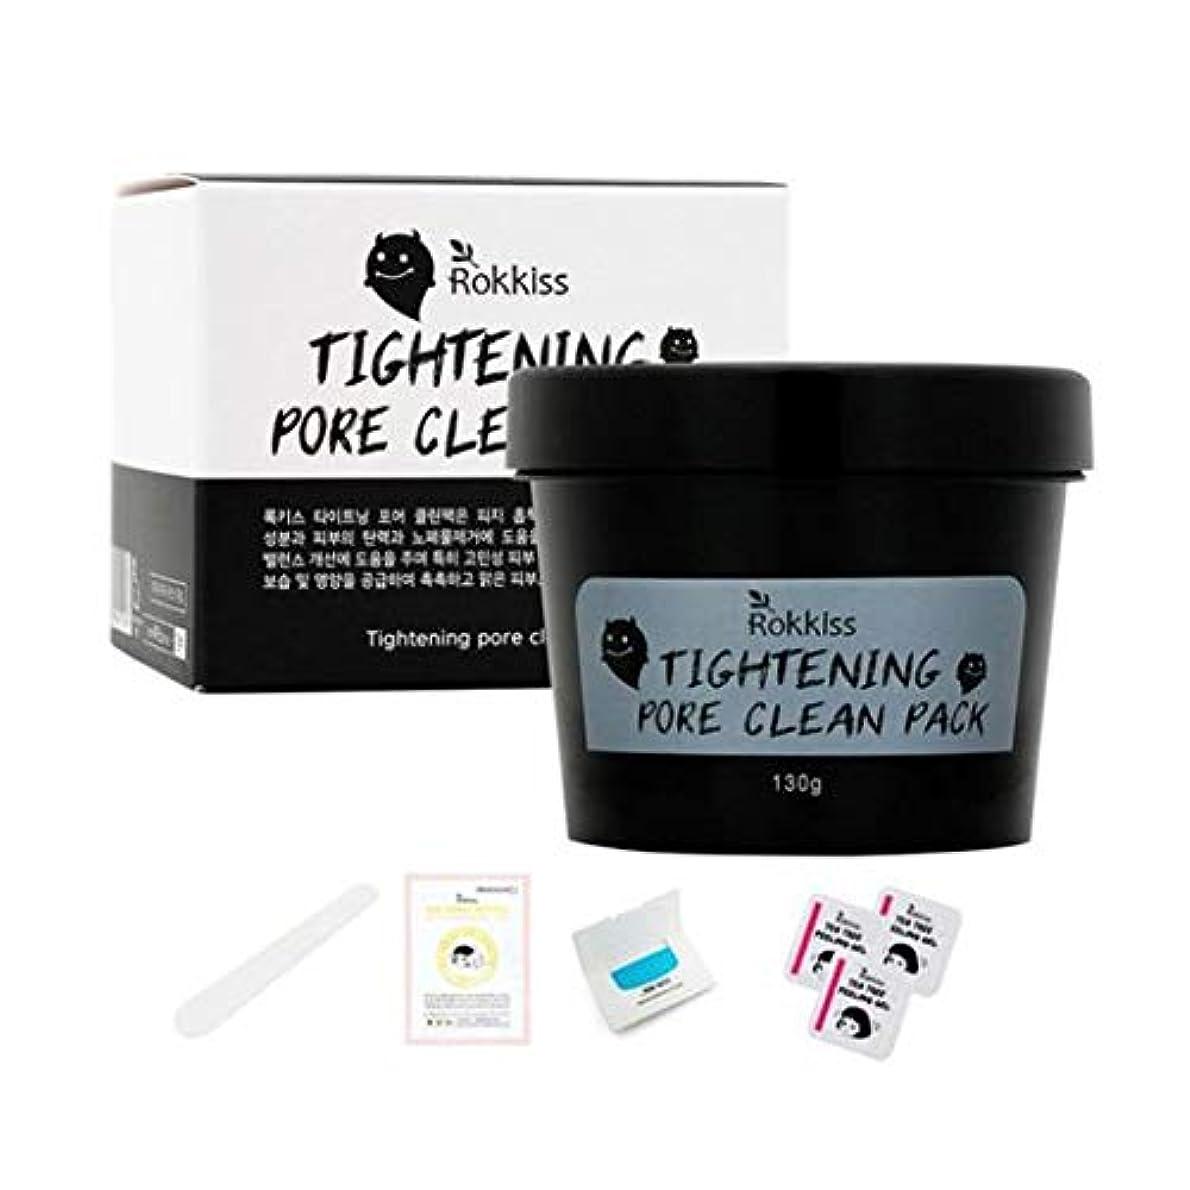 僕のダムアルネ【Rokkis] Tightening Pore Clean Pack/強力な吸着毛穴パックセット/カオリン、ベントナイト、マッド成分含有/皮脂除去/毛穴収縮/追加4種プレゼント贈呈[並行輸入品]